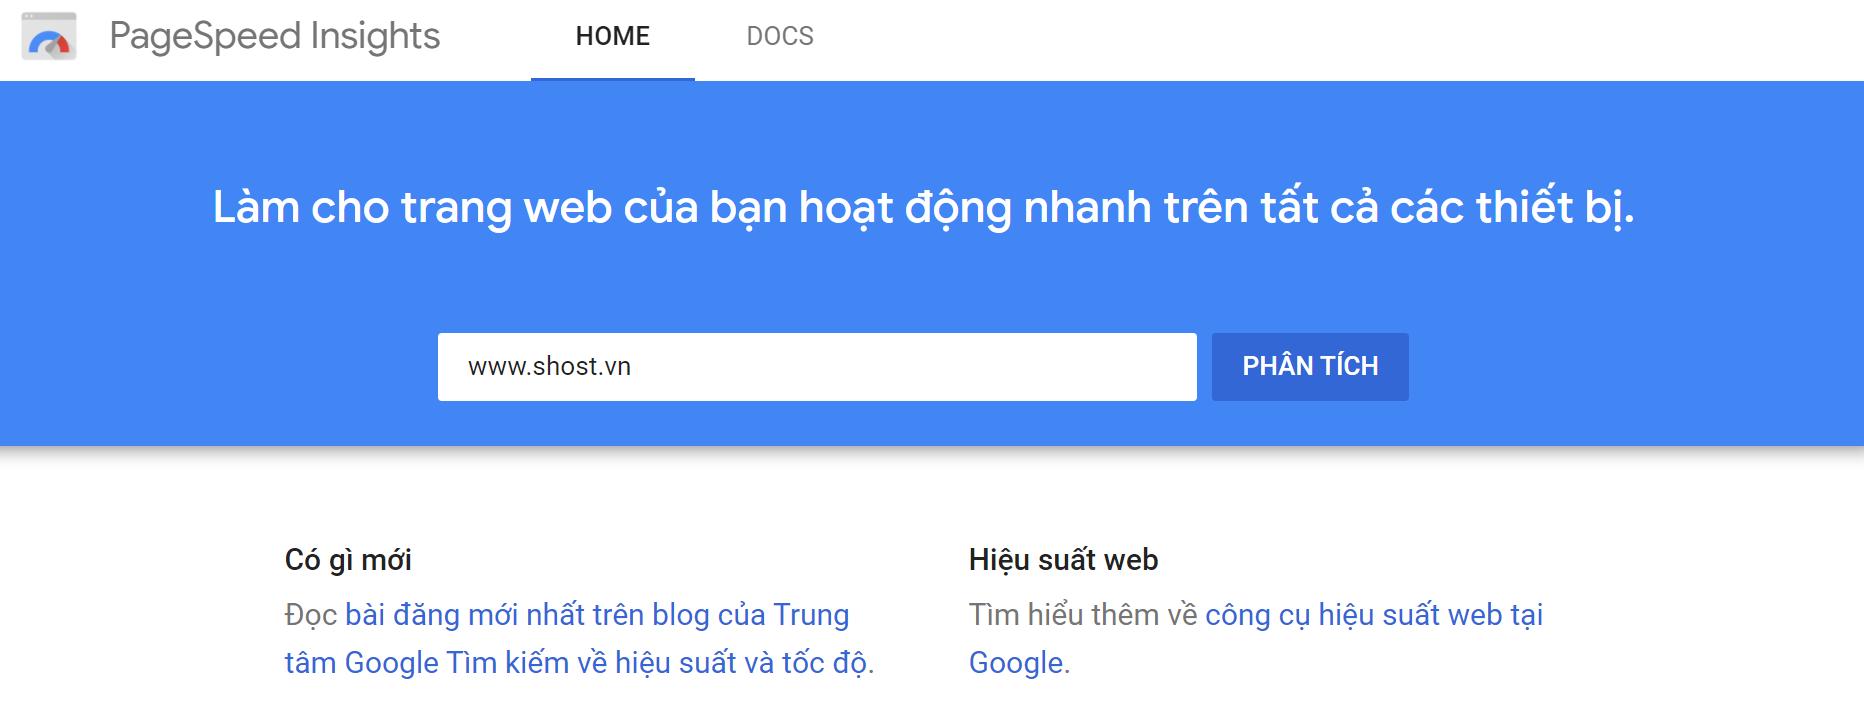 Công cụ kiểm tra tốc độ website